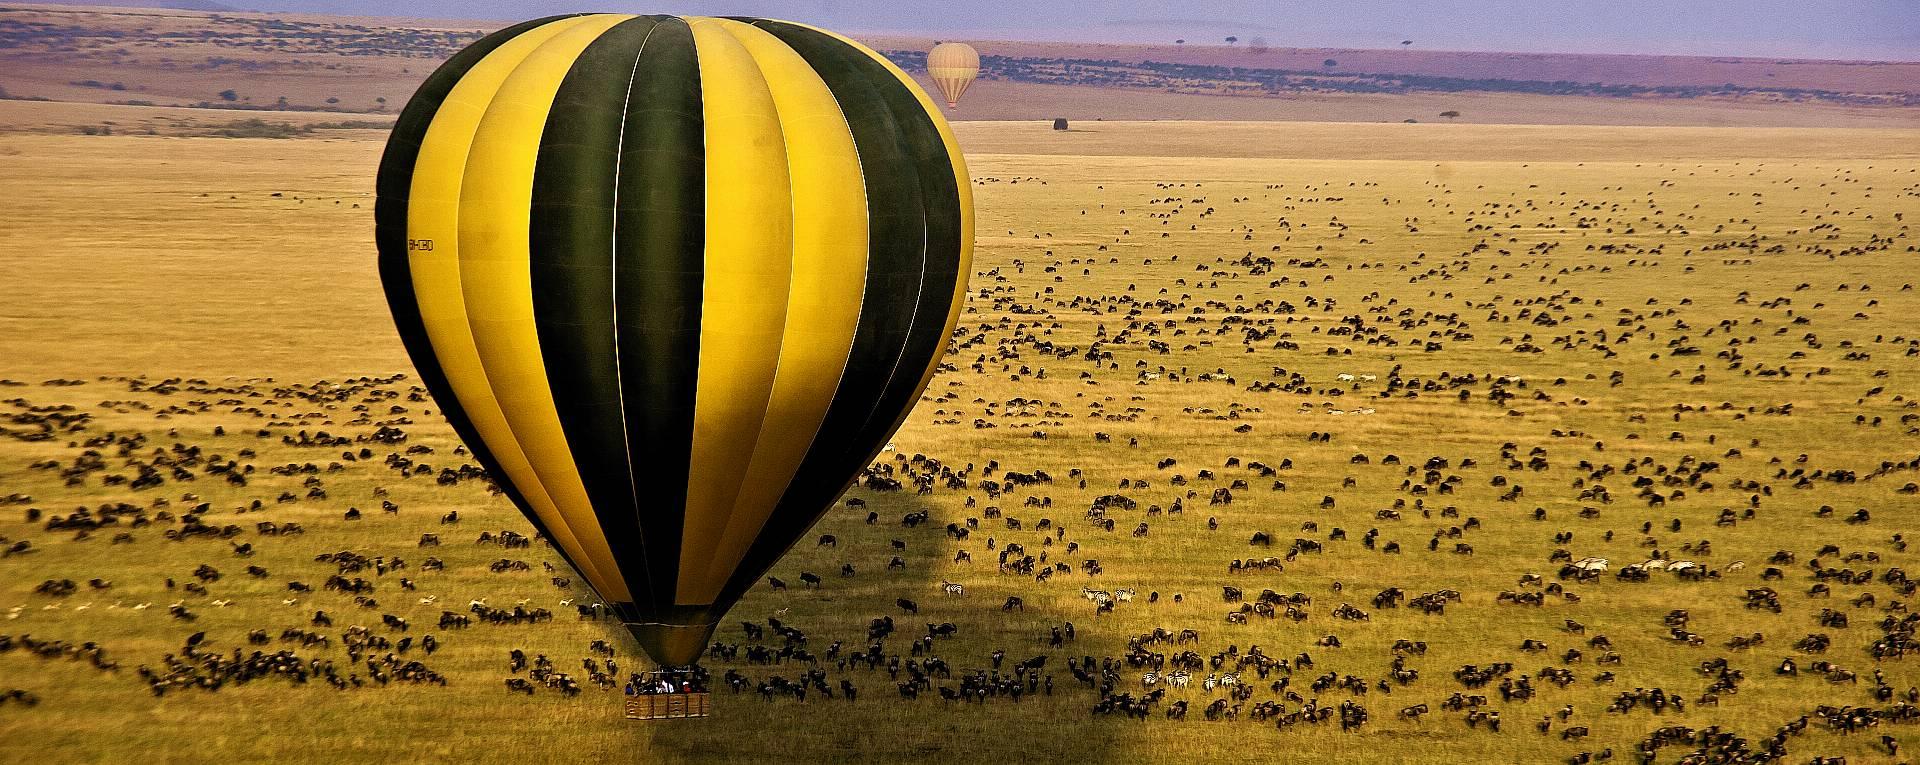 africa safari masai mara 16.jpg